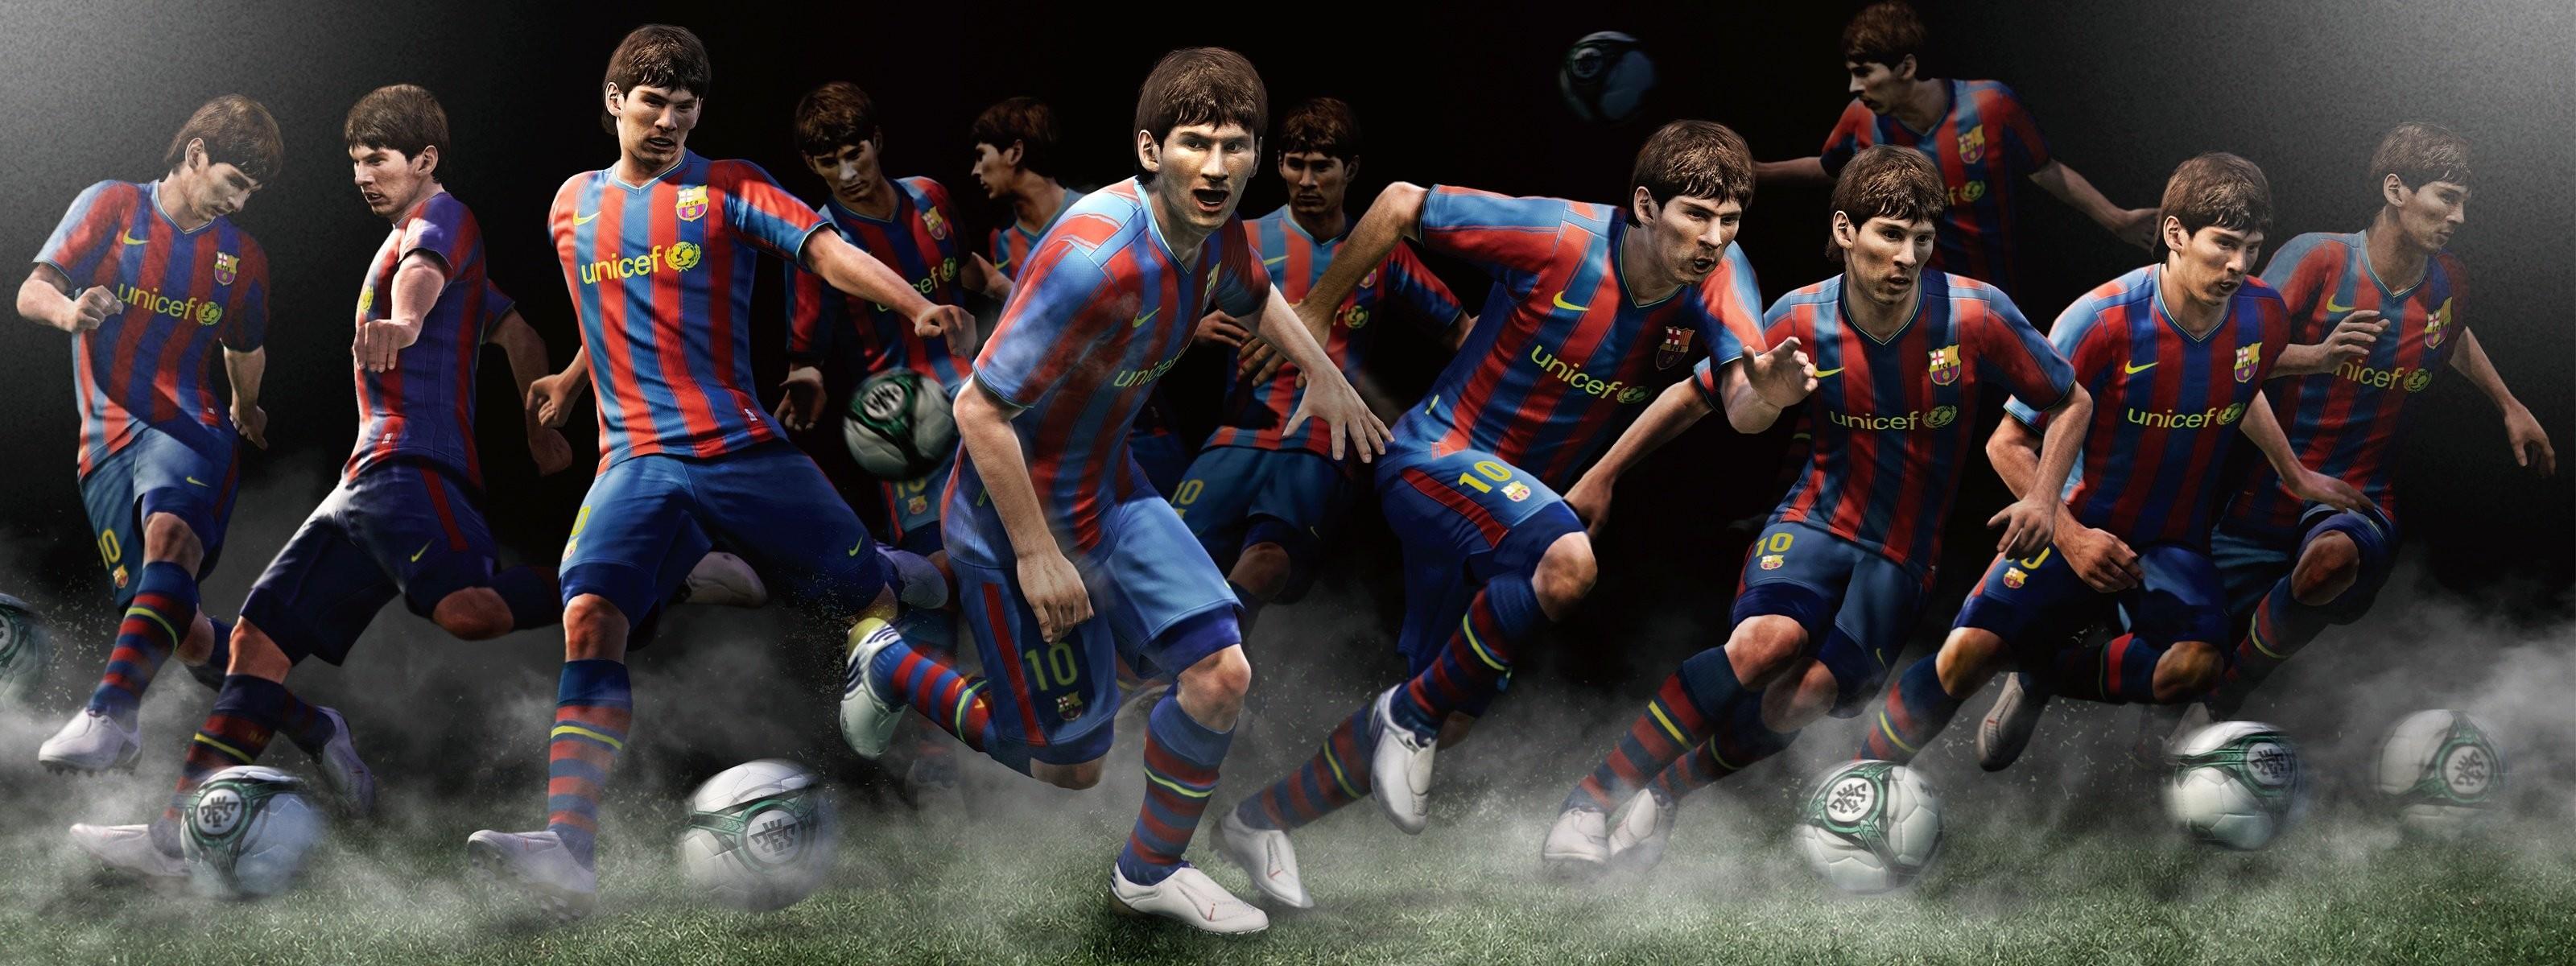 Res: 3200x1200, Wallpaper zu Pro Evolution Soccer 2011 herunterladen